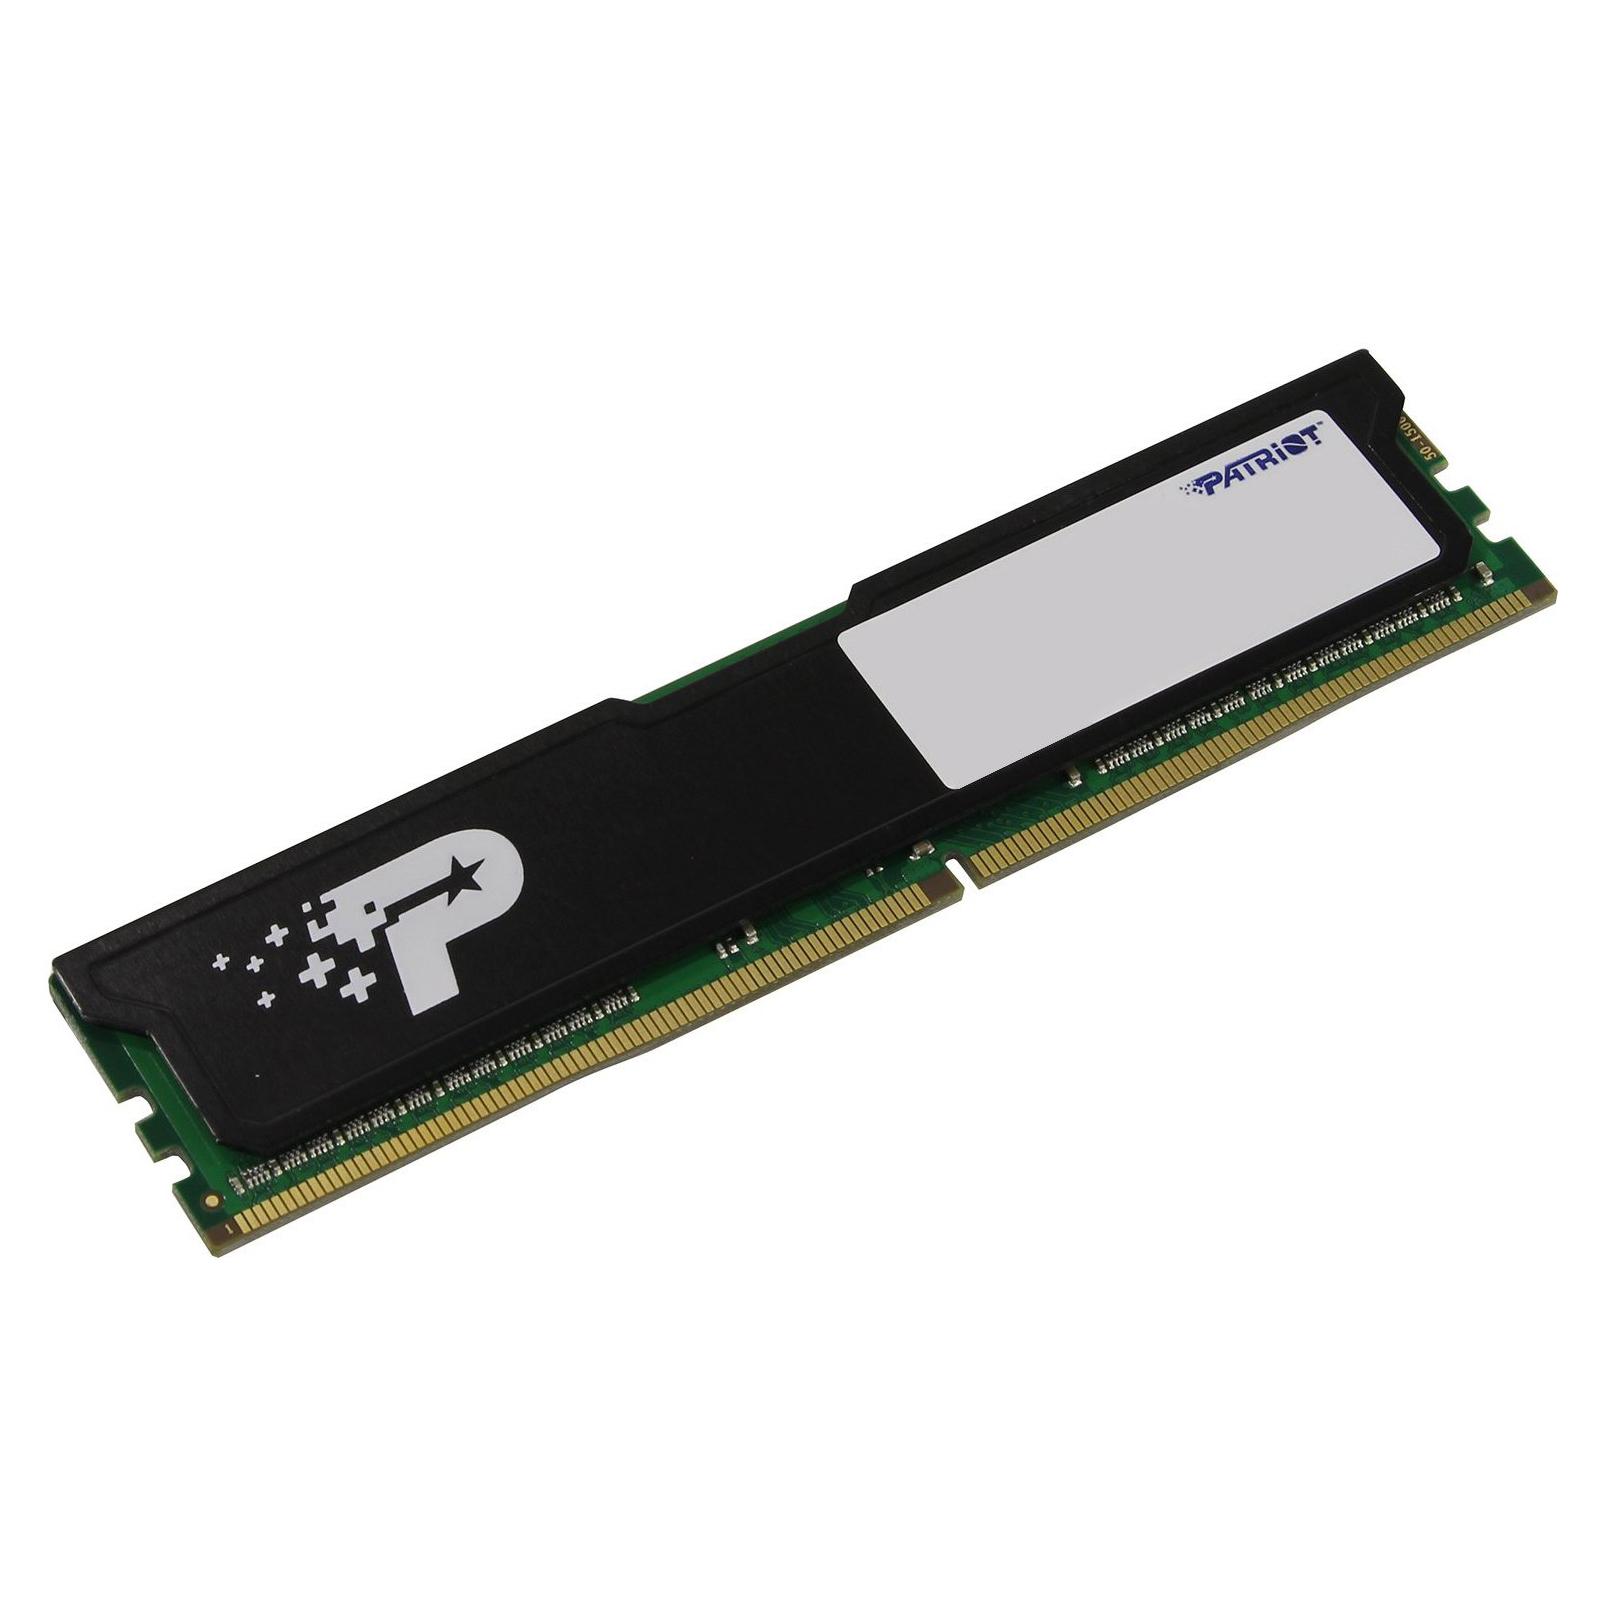 Модуль памяти для компьютера DDR4 16GB 2666 MHz Patriot (PSD416G26662H) изображение 2